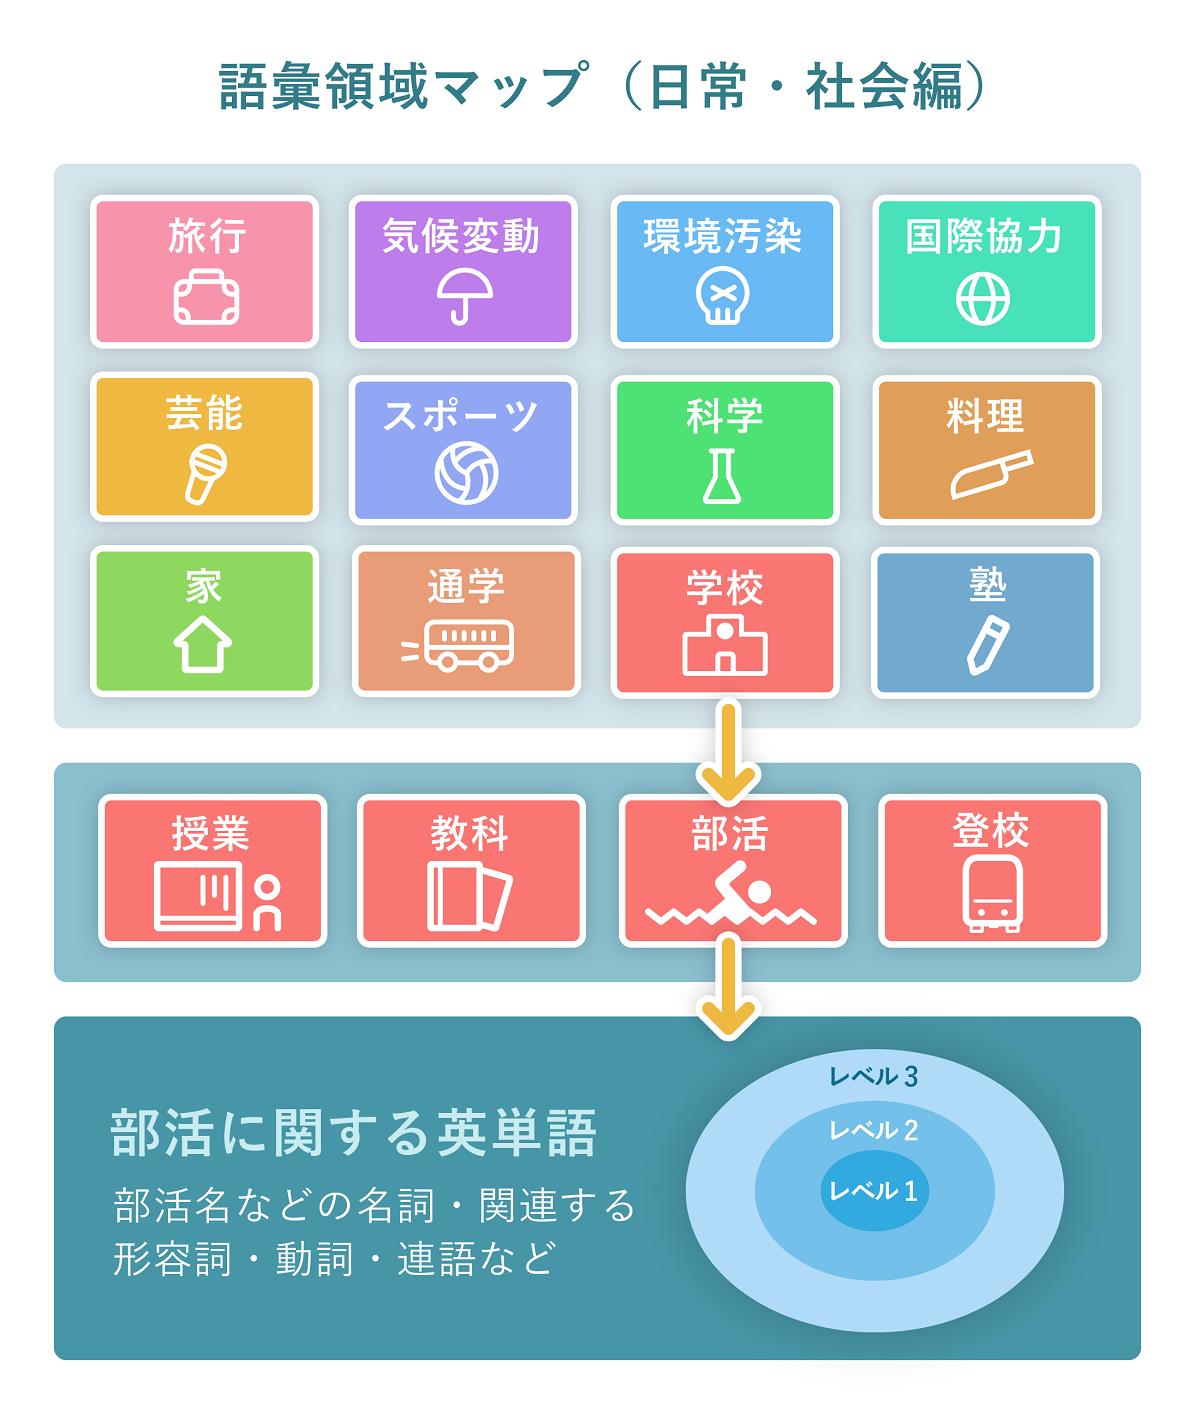 「語彙領域マップ」と「語彙力養成エクササイズ」3